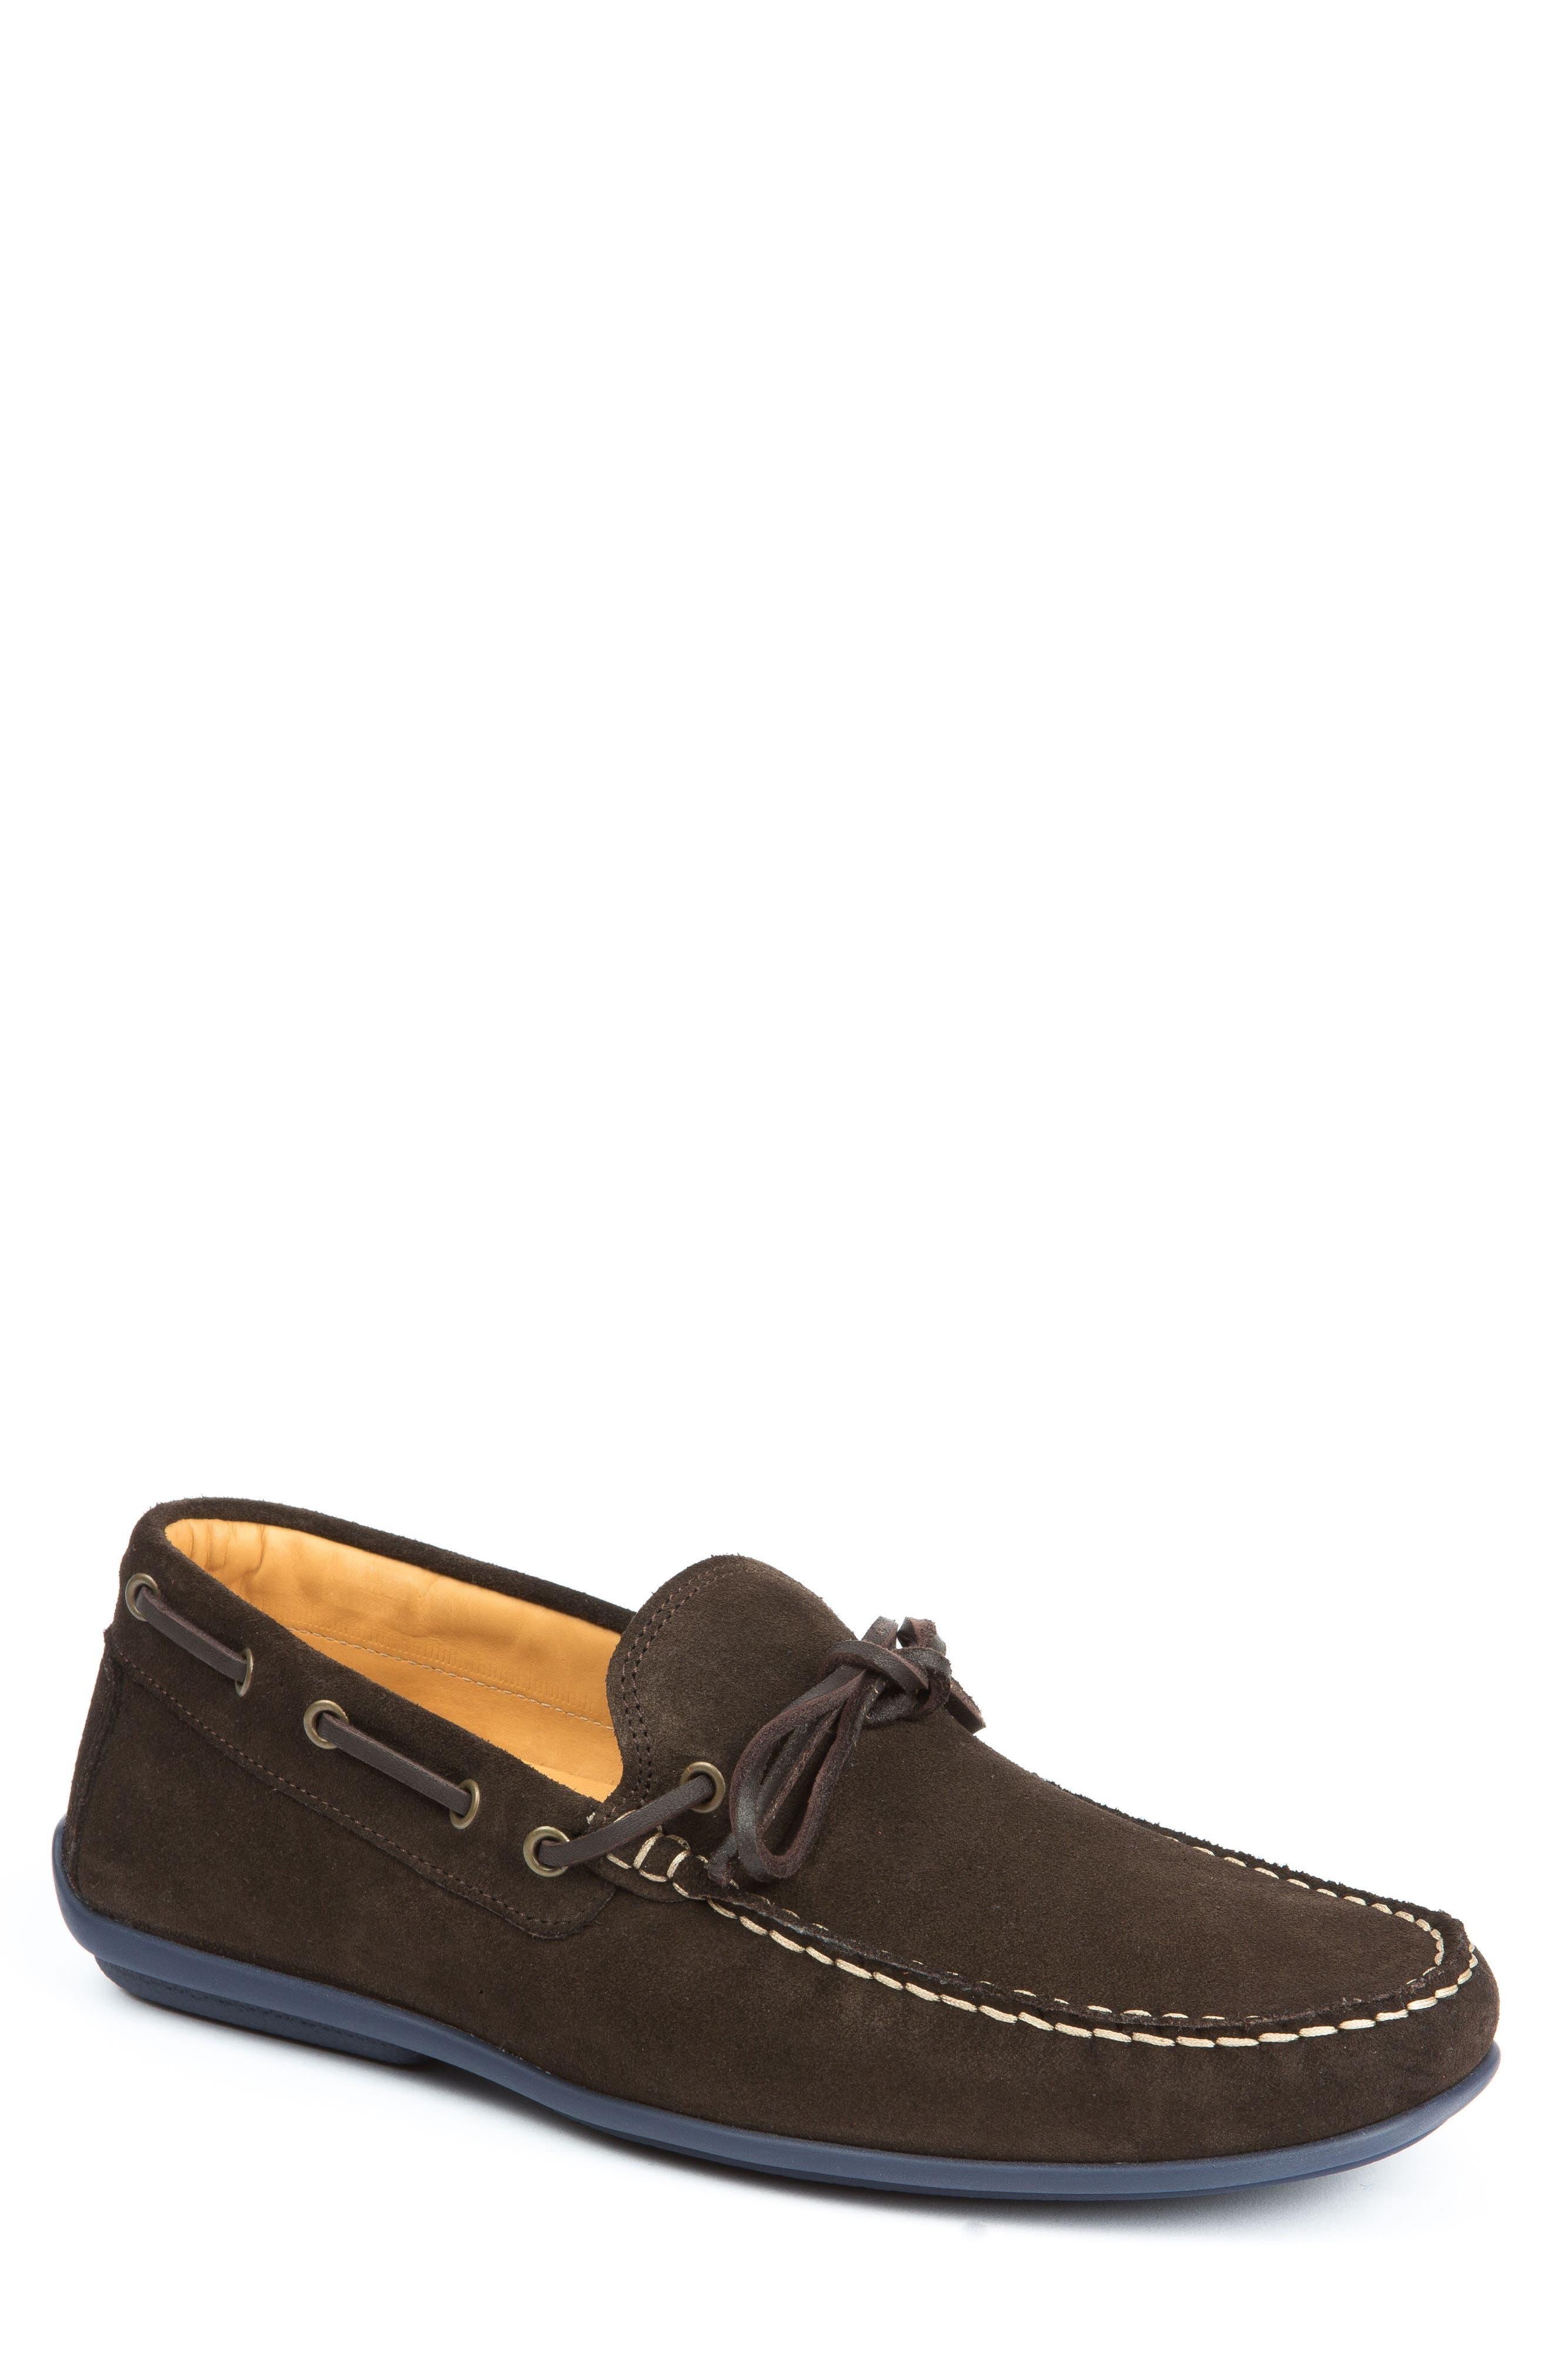 Austen Heller Kingstons Driving Shoe (Men)